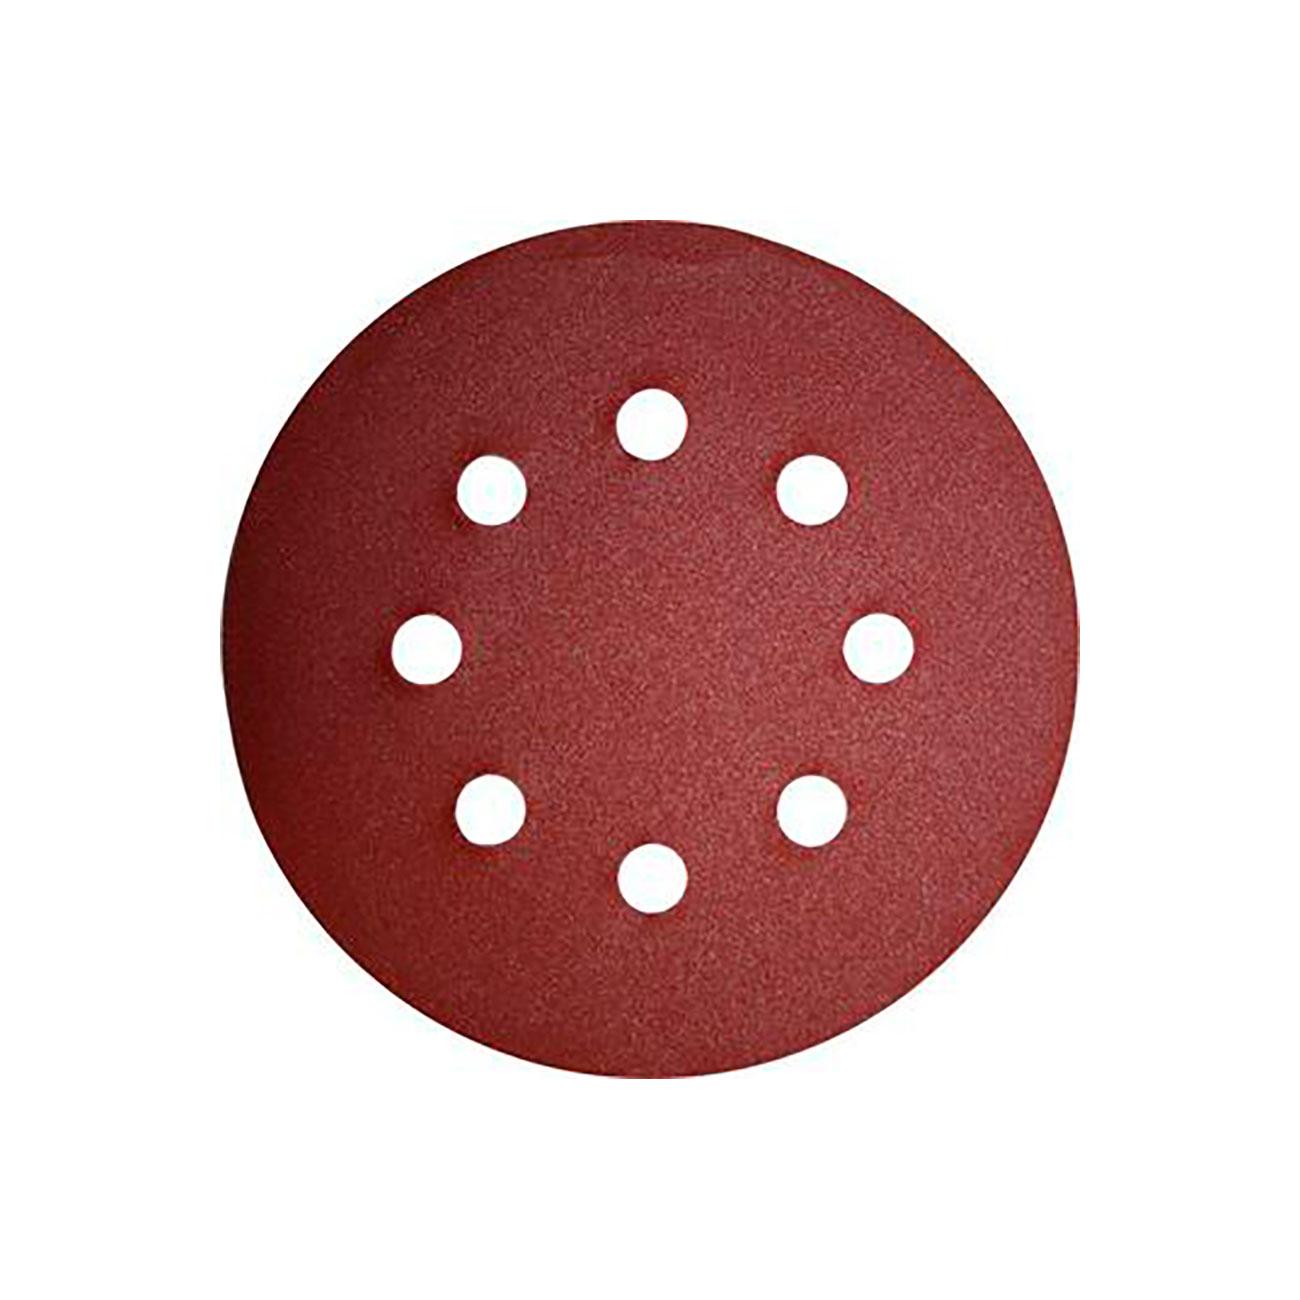 Фото Шлифовальные круги Практика Профи, на липкой основе, Р120, для металла и дерева, 8 отверстий, 125 мм (25 шт) {034-182}